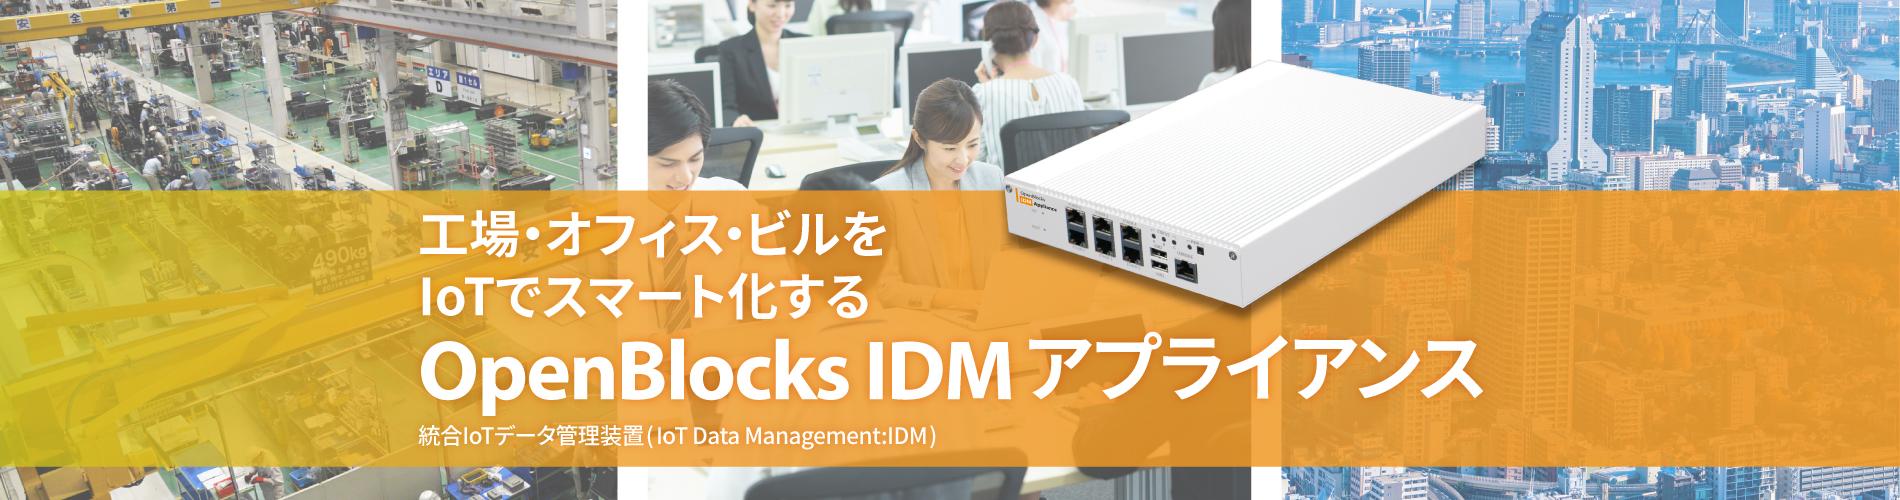 工場・オフィス・ビルをIoTでスマート化する OpenBlocks IDMアプライアンス 統合IoTデータ管理装置(IoT Data Management:IDM)